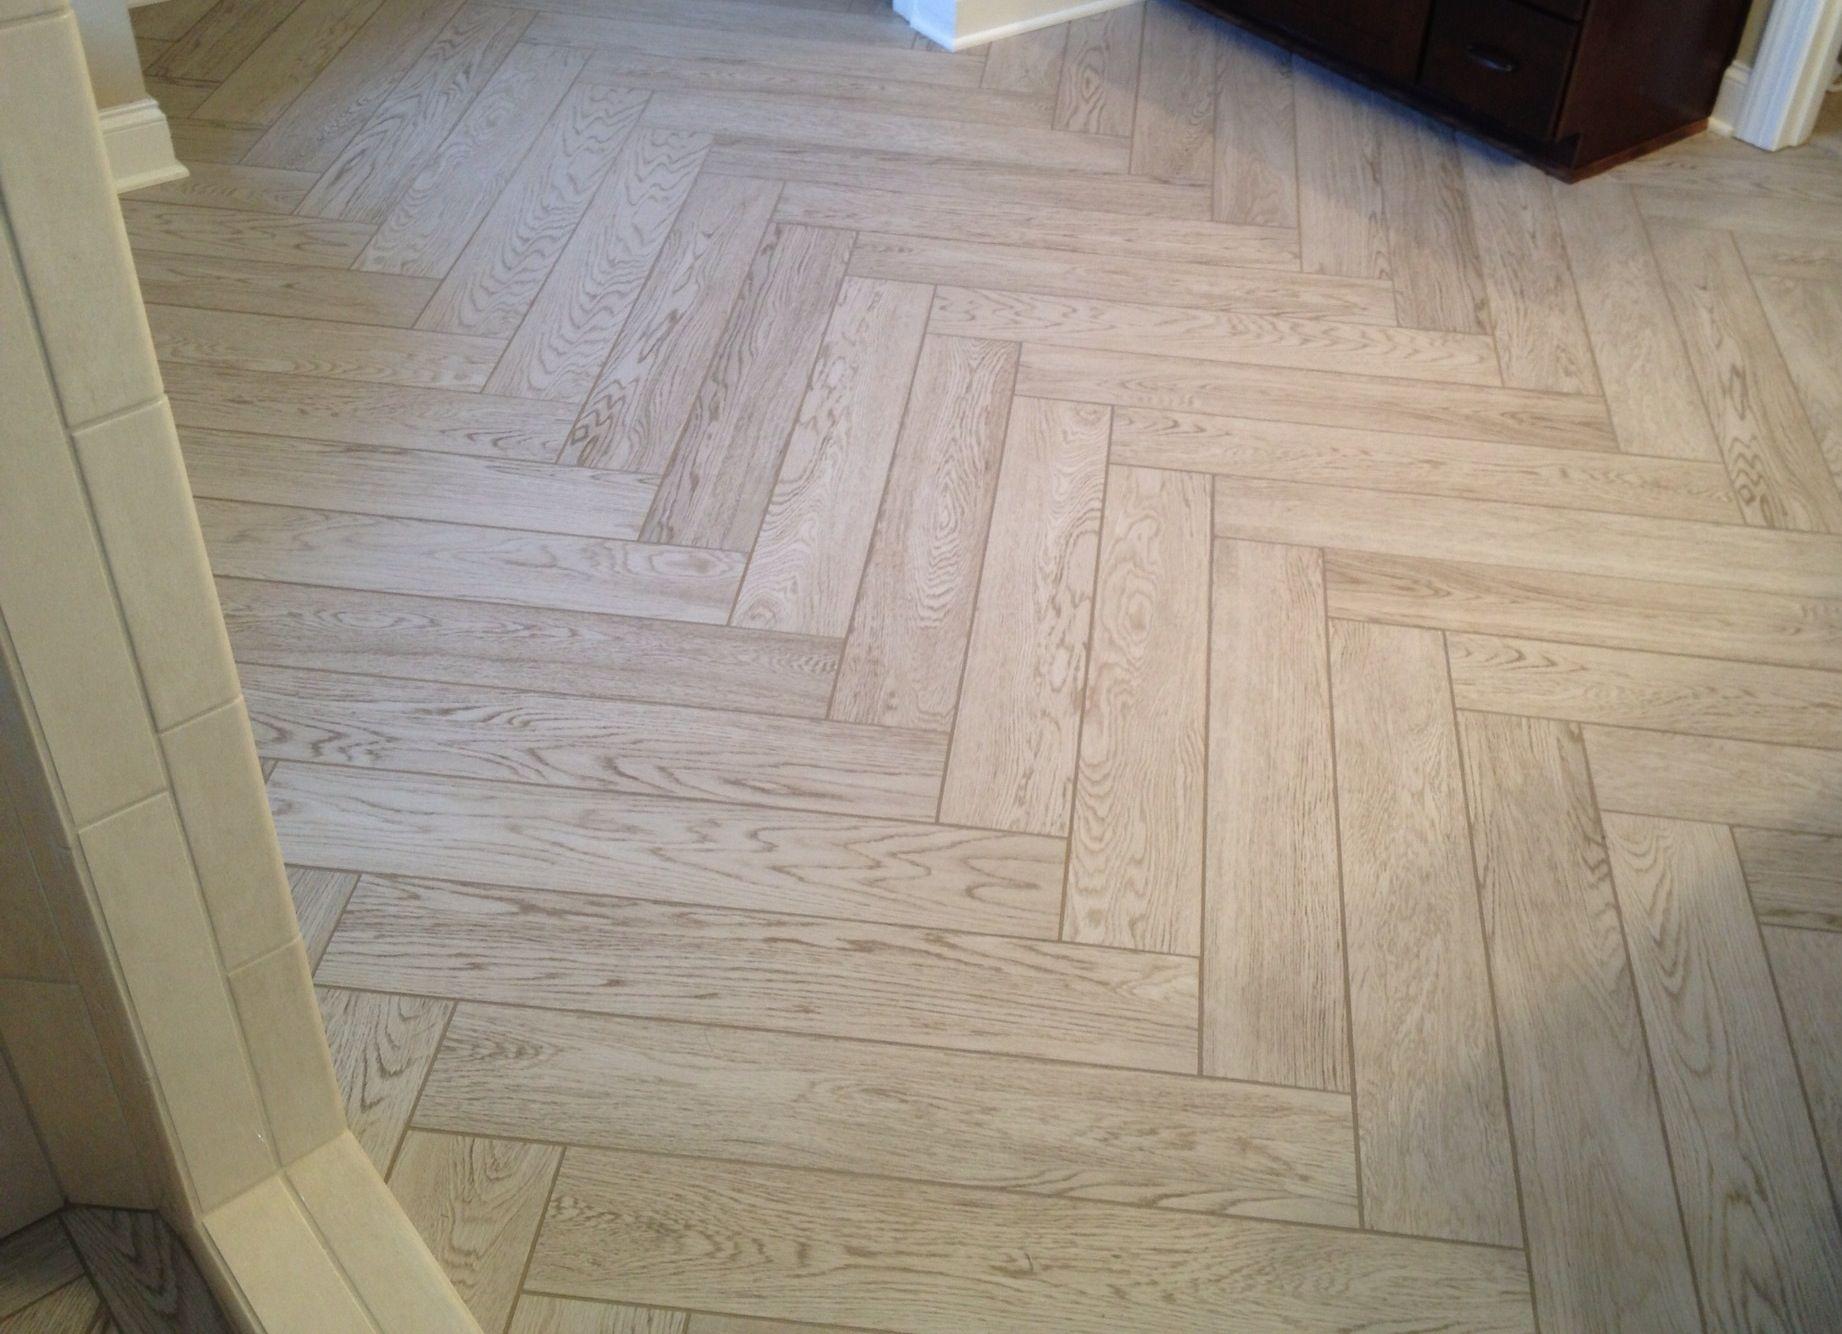 Küchenideen fliesenboden wood looking tile on bathroom floor interceramic scenic in color